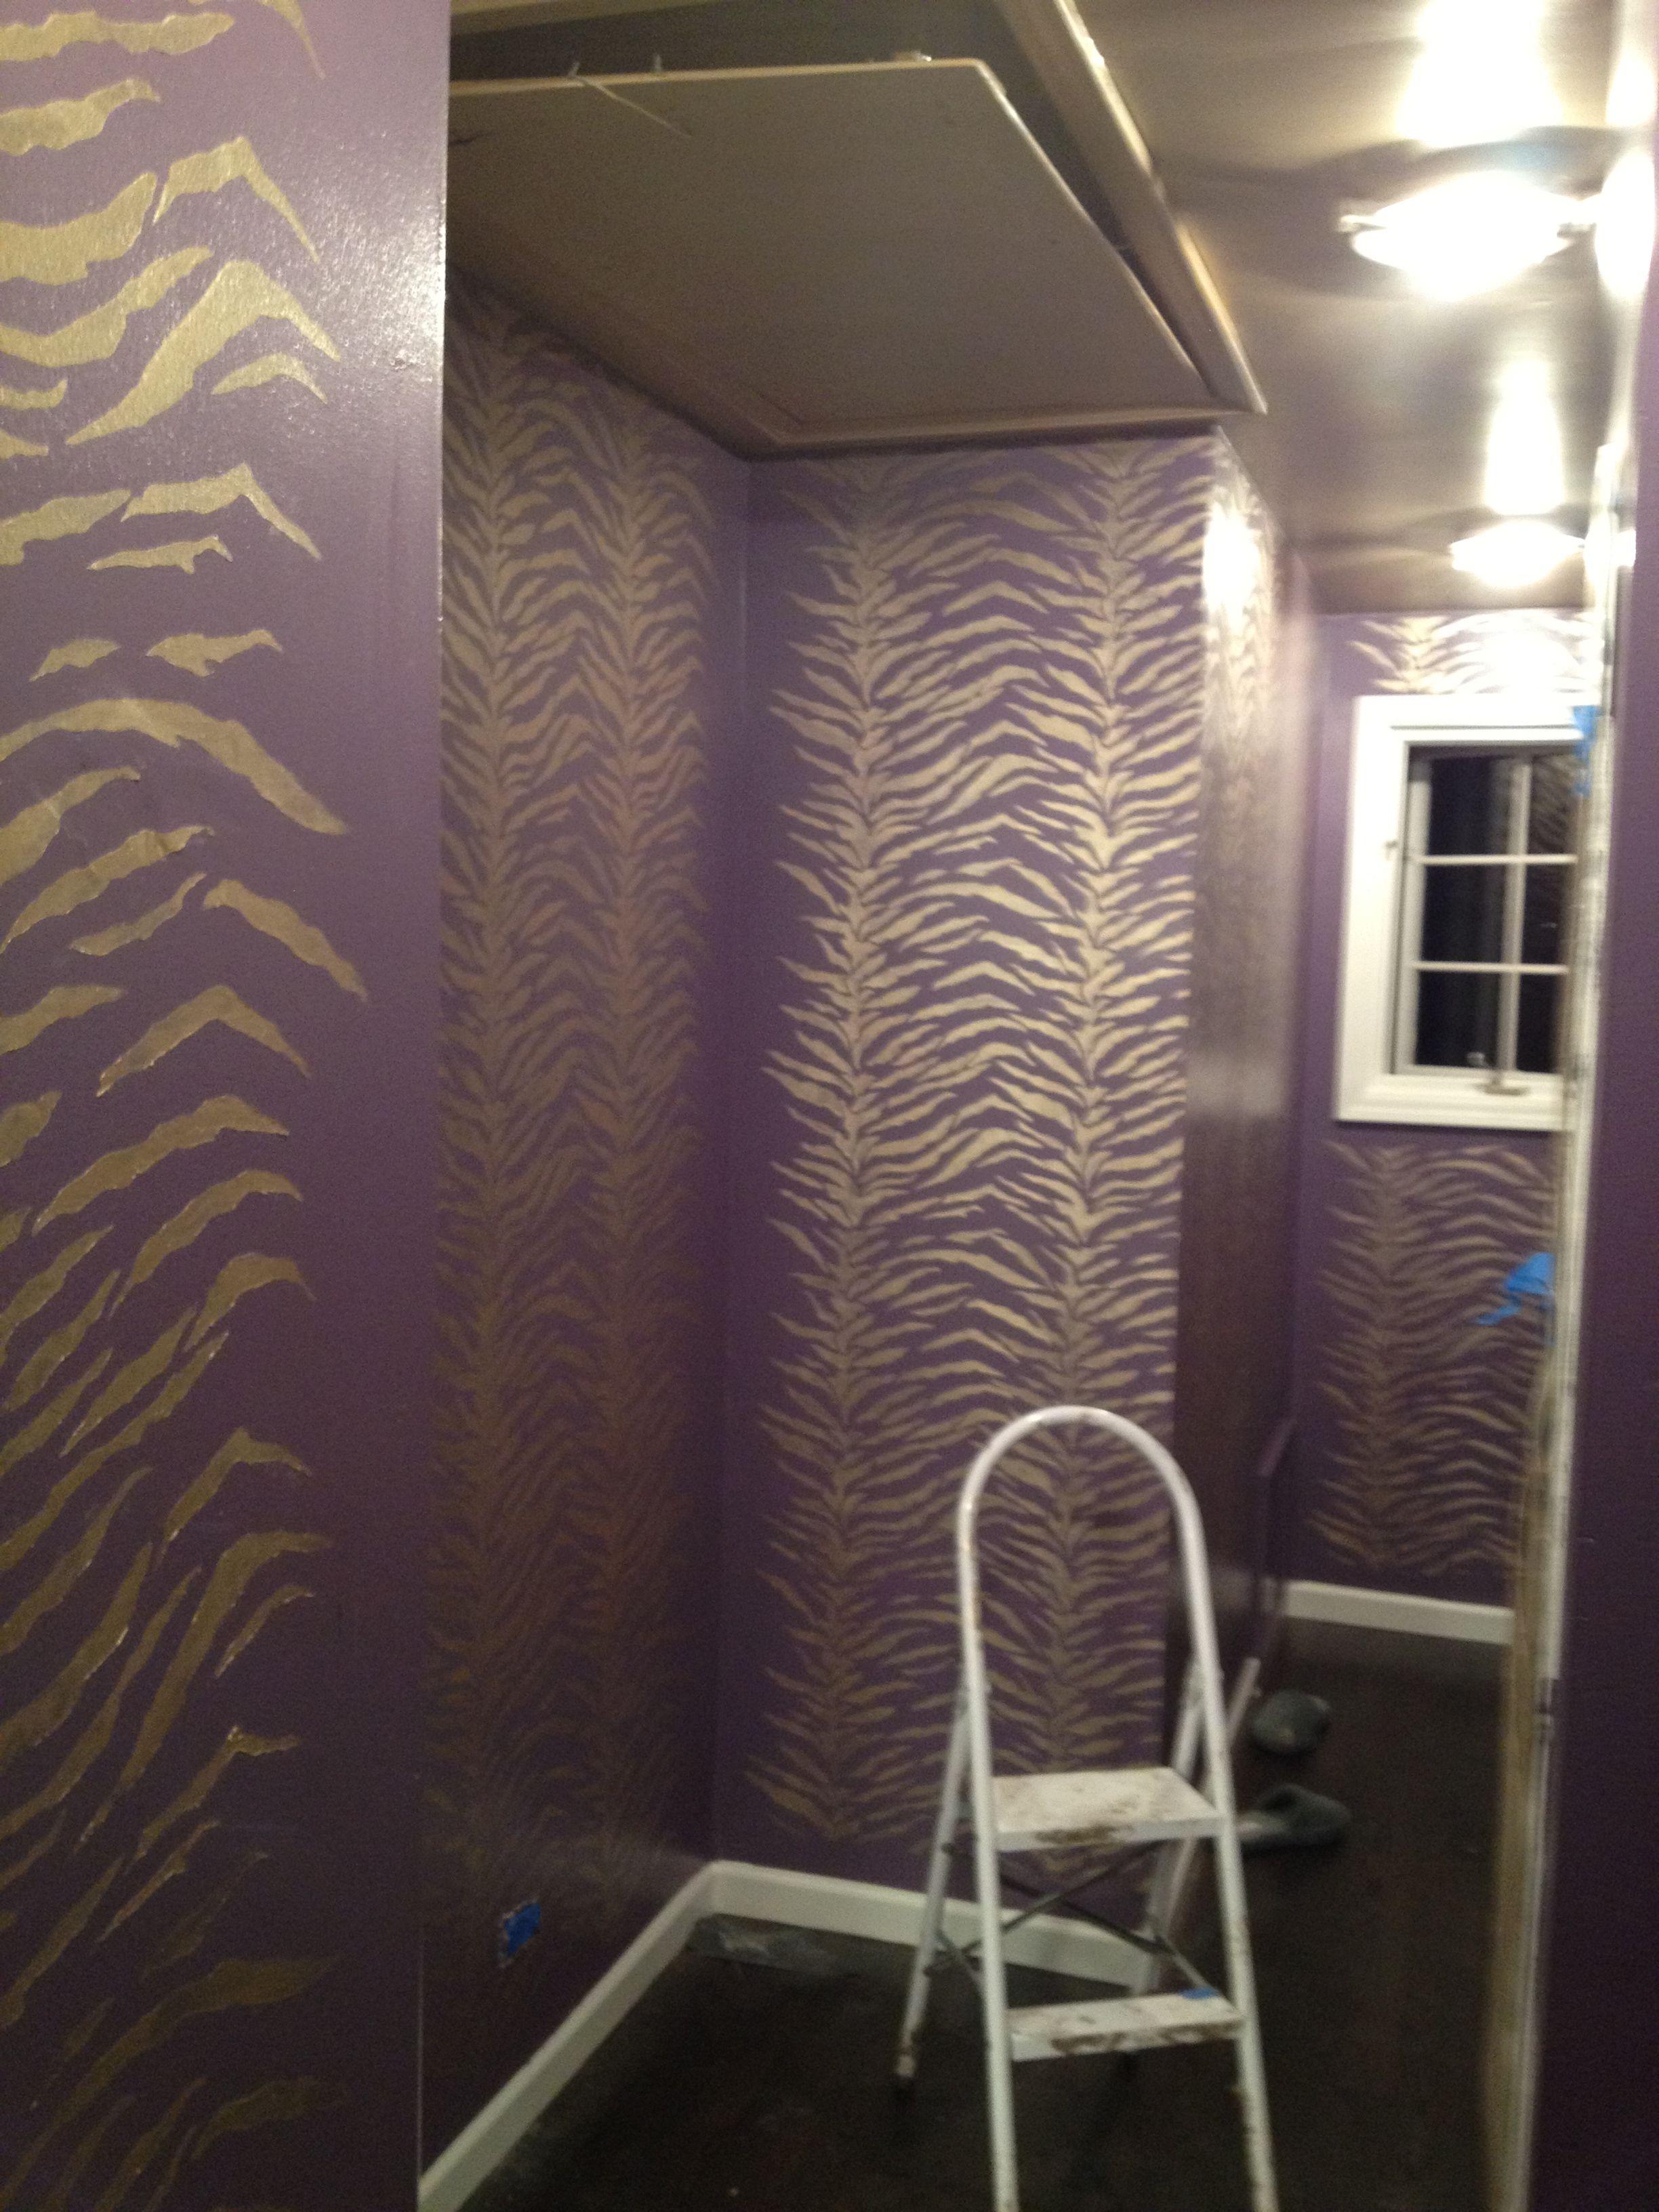 Paint Job Purple Walls Gold Stenciled Tiger